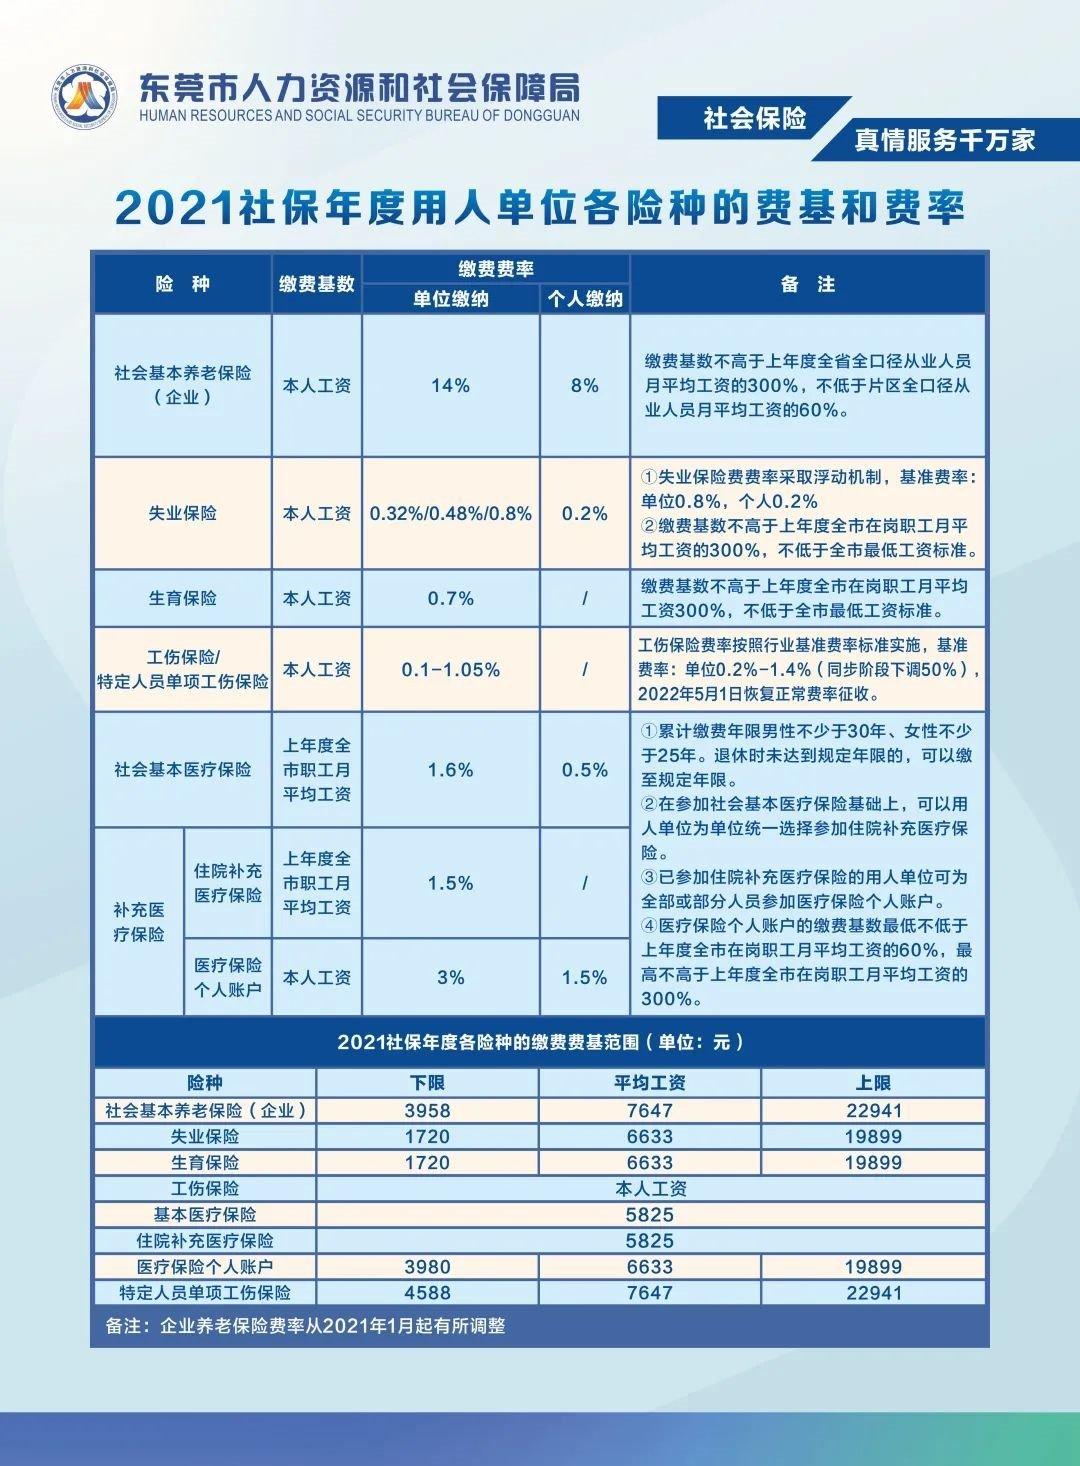 2021年7月东莞企业职工社保缴费基数下限3958 上限22941